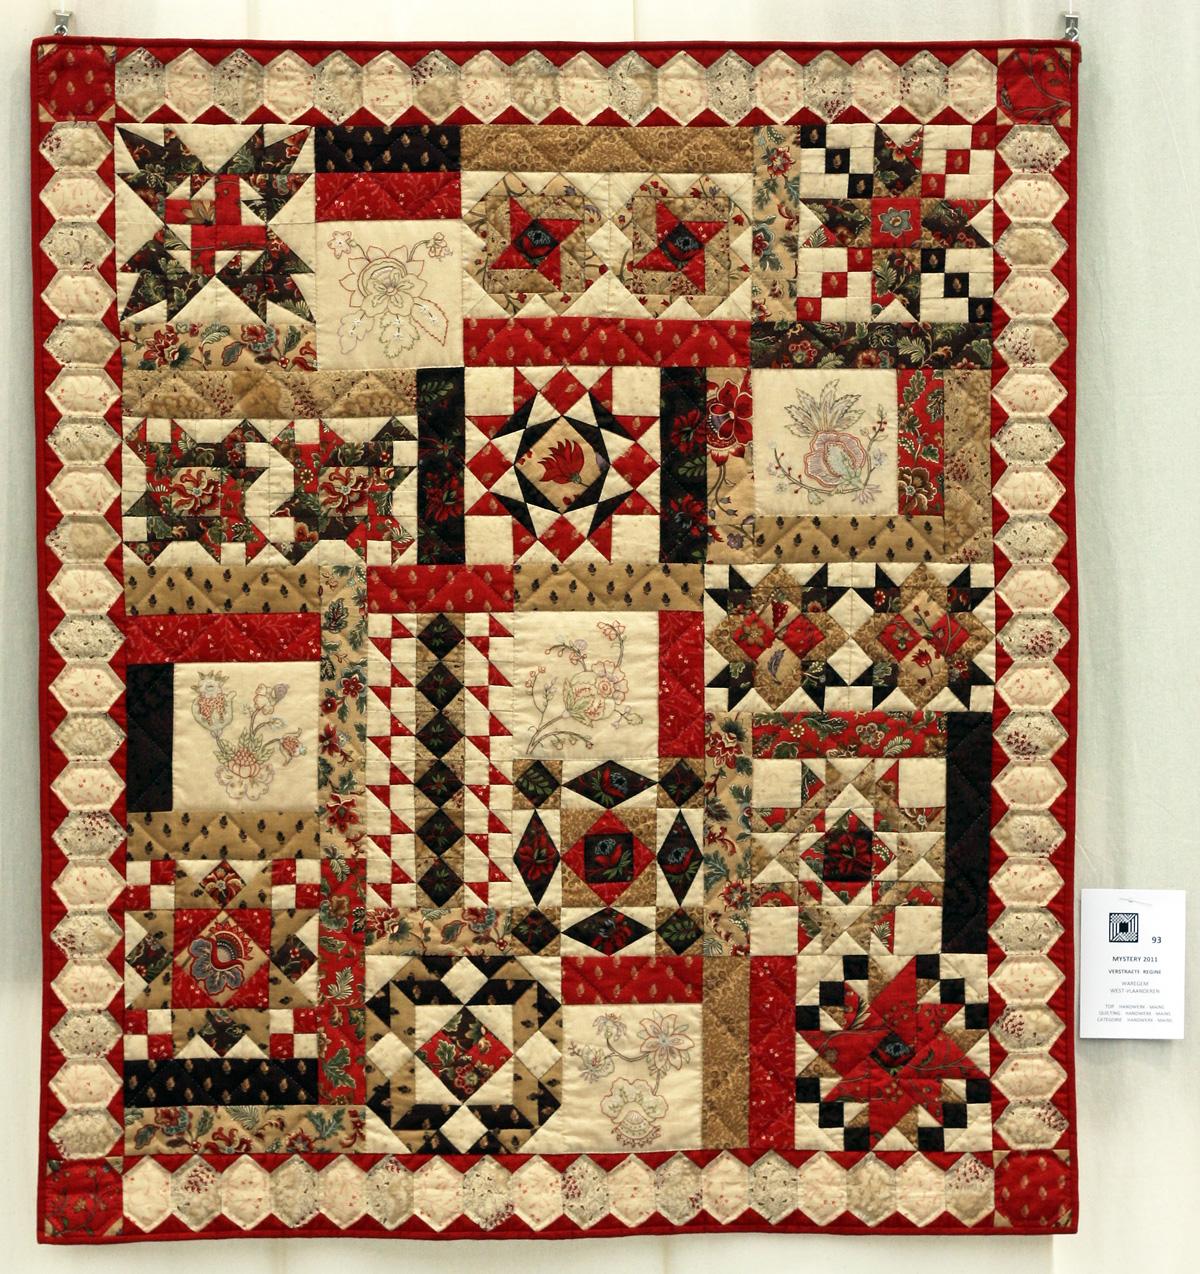 17    n°  93    73    Regine Verstraete, West-Vlaanderen, Mystery 2011, 104 cm x 120 cm